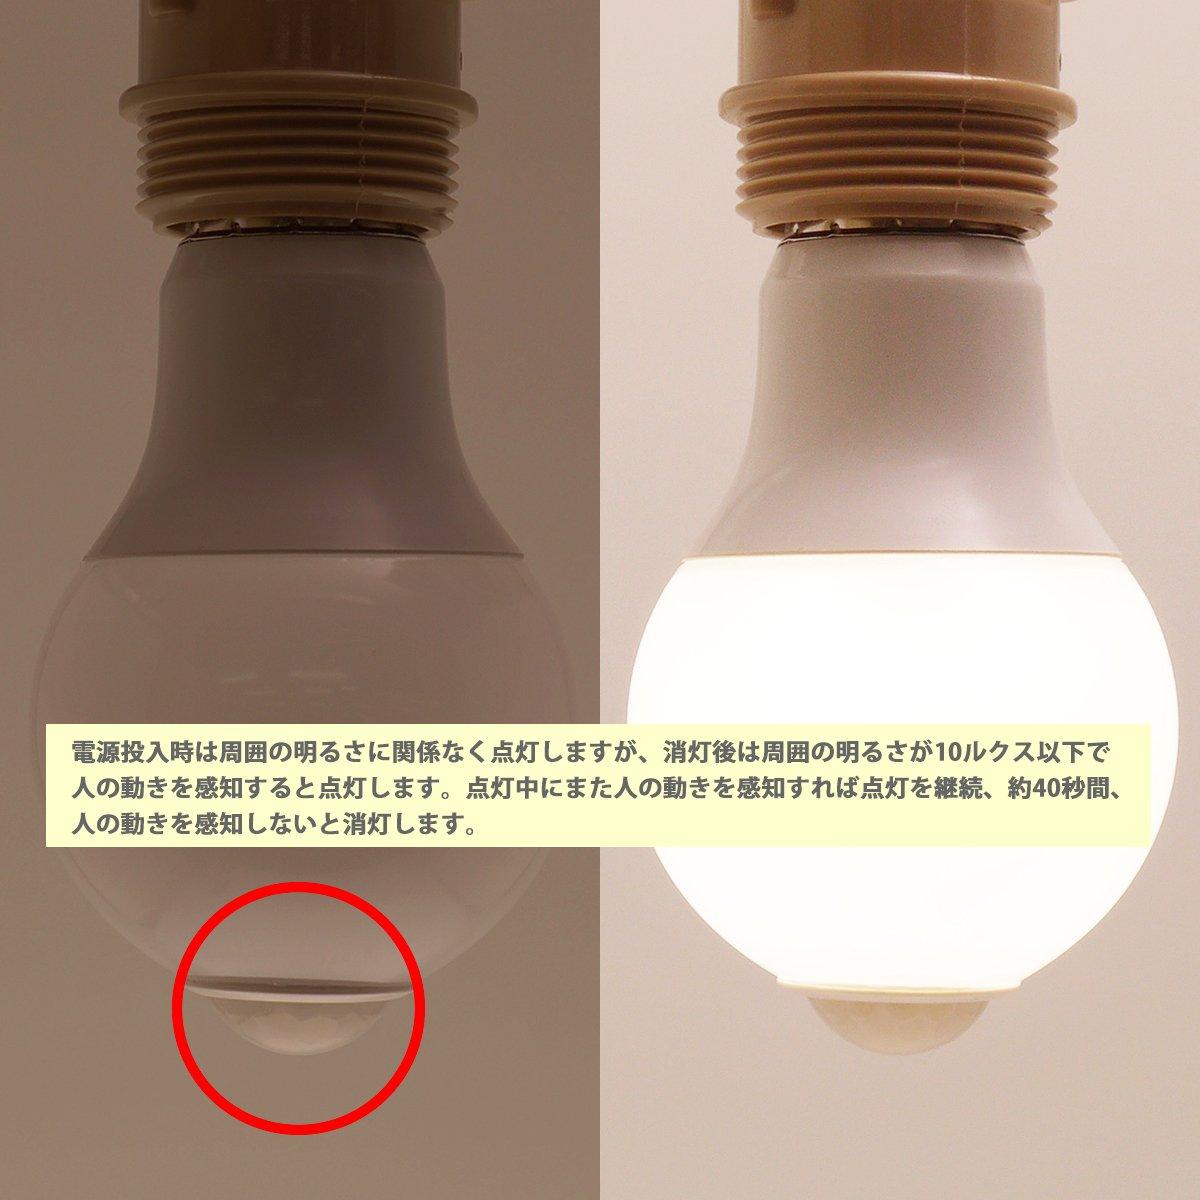 自動消灯機能付き